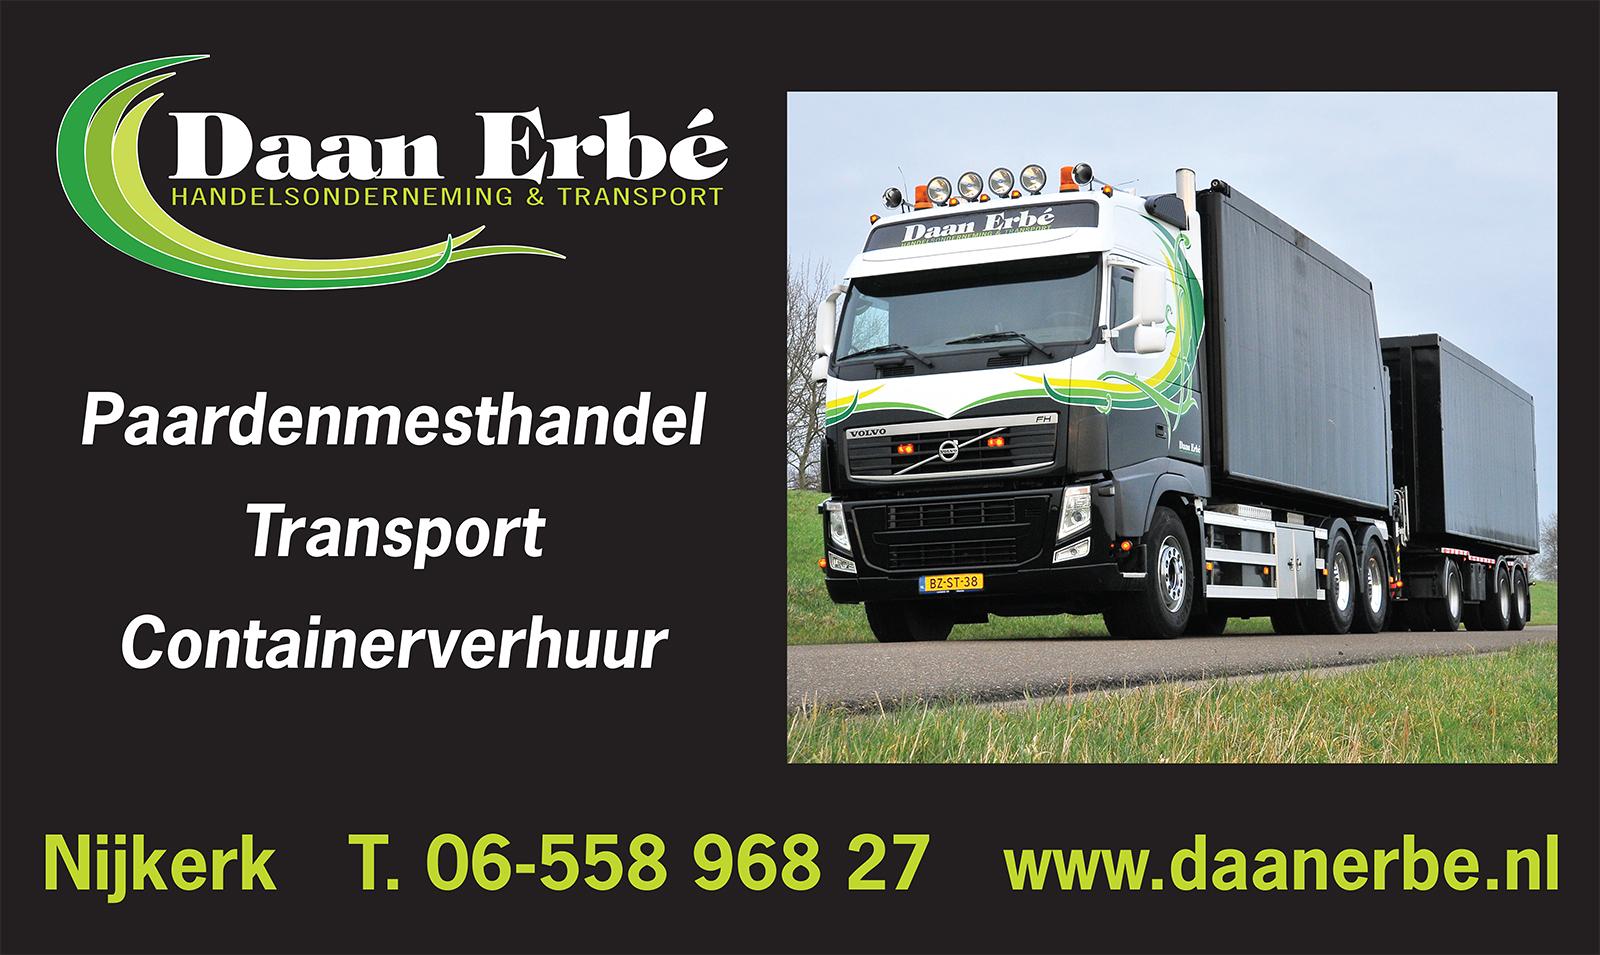 16005 Adv Daan Erbe 5x3 m.indd